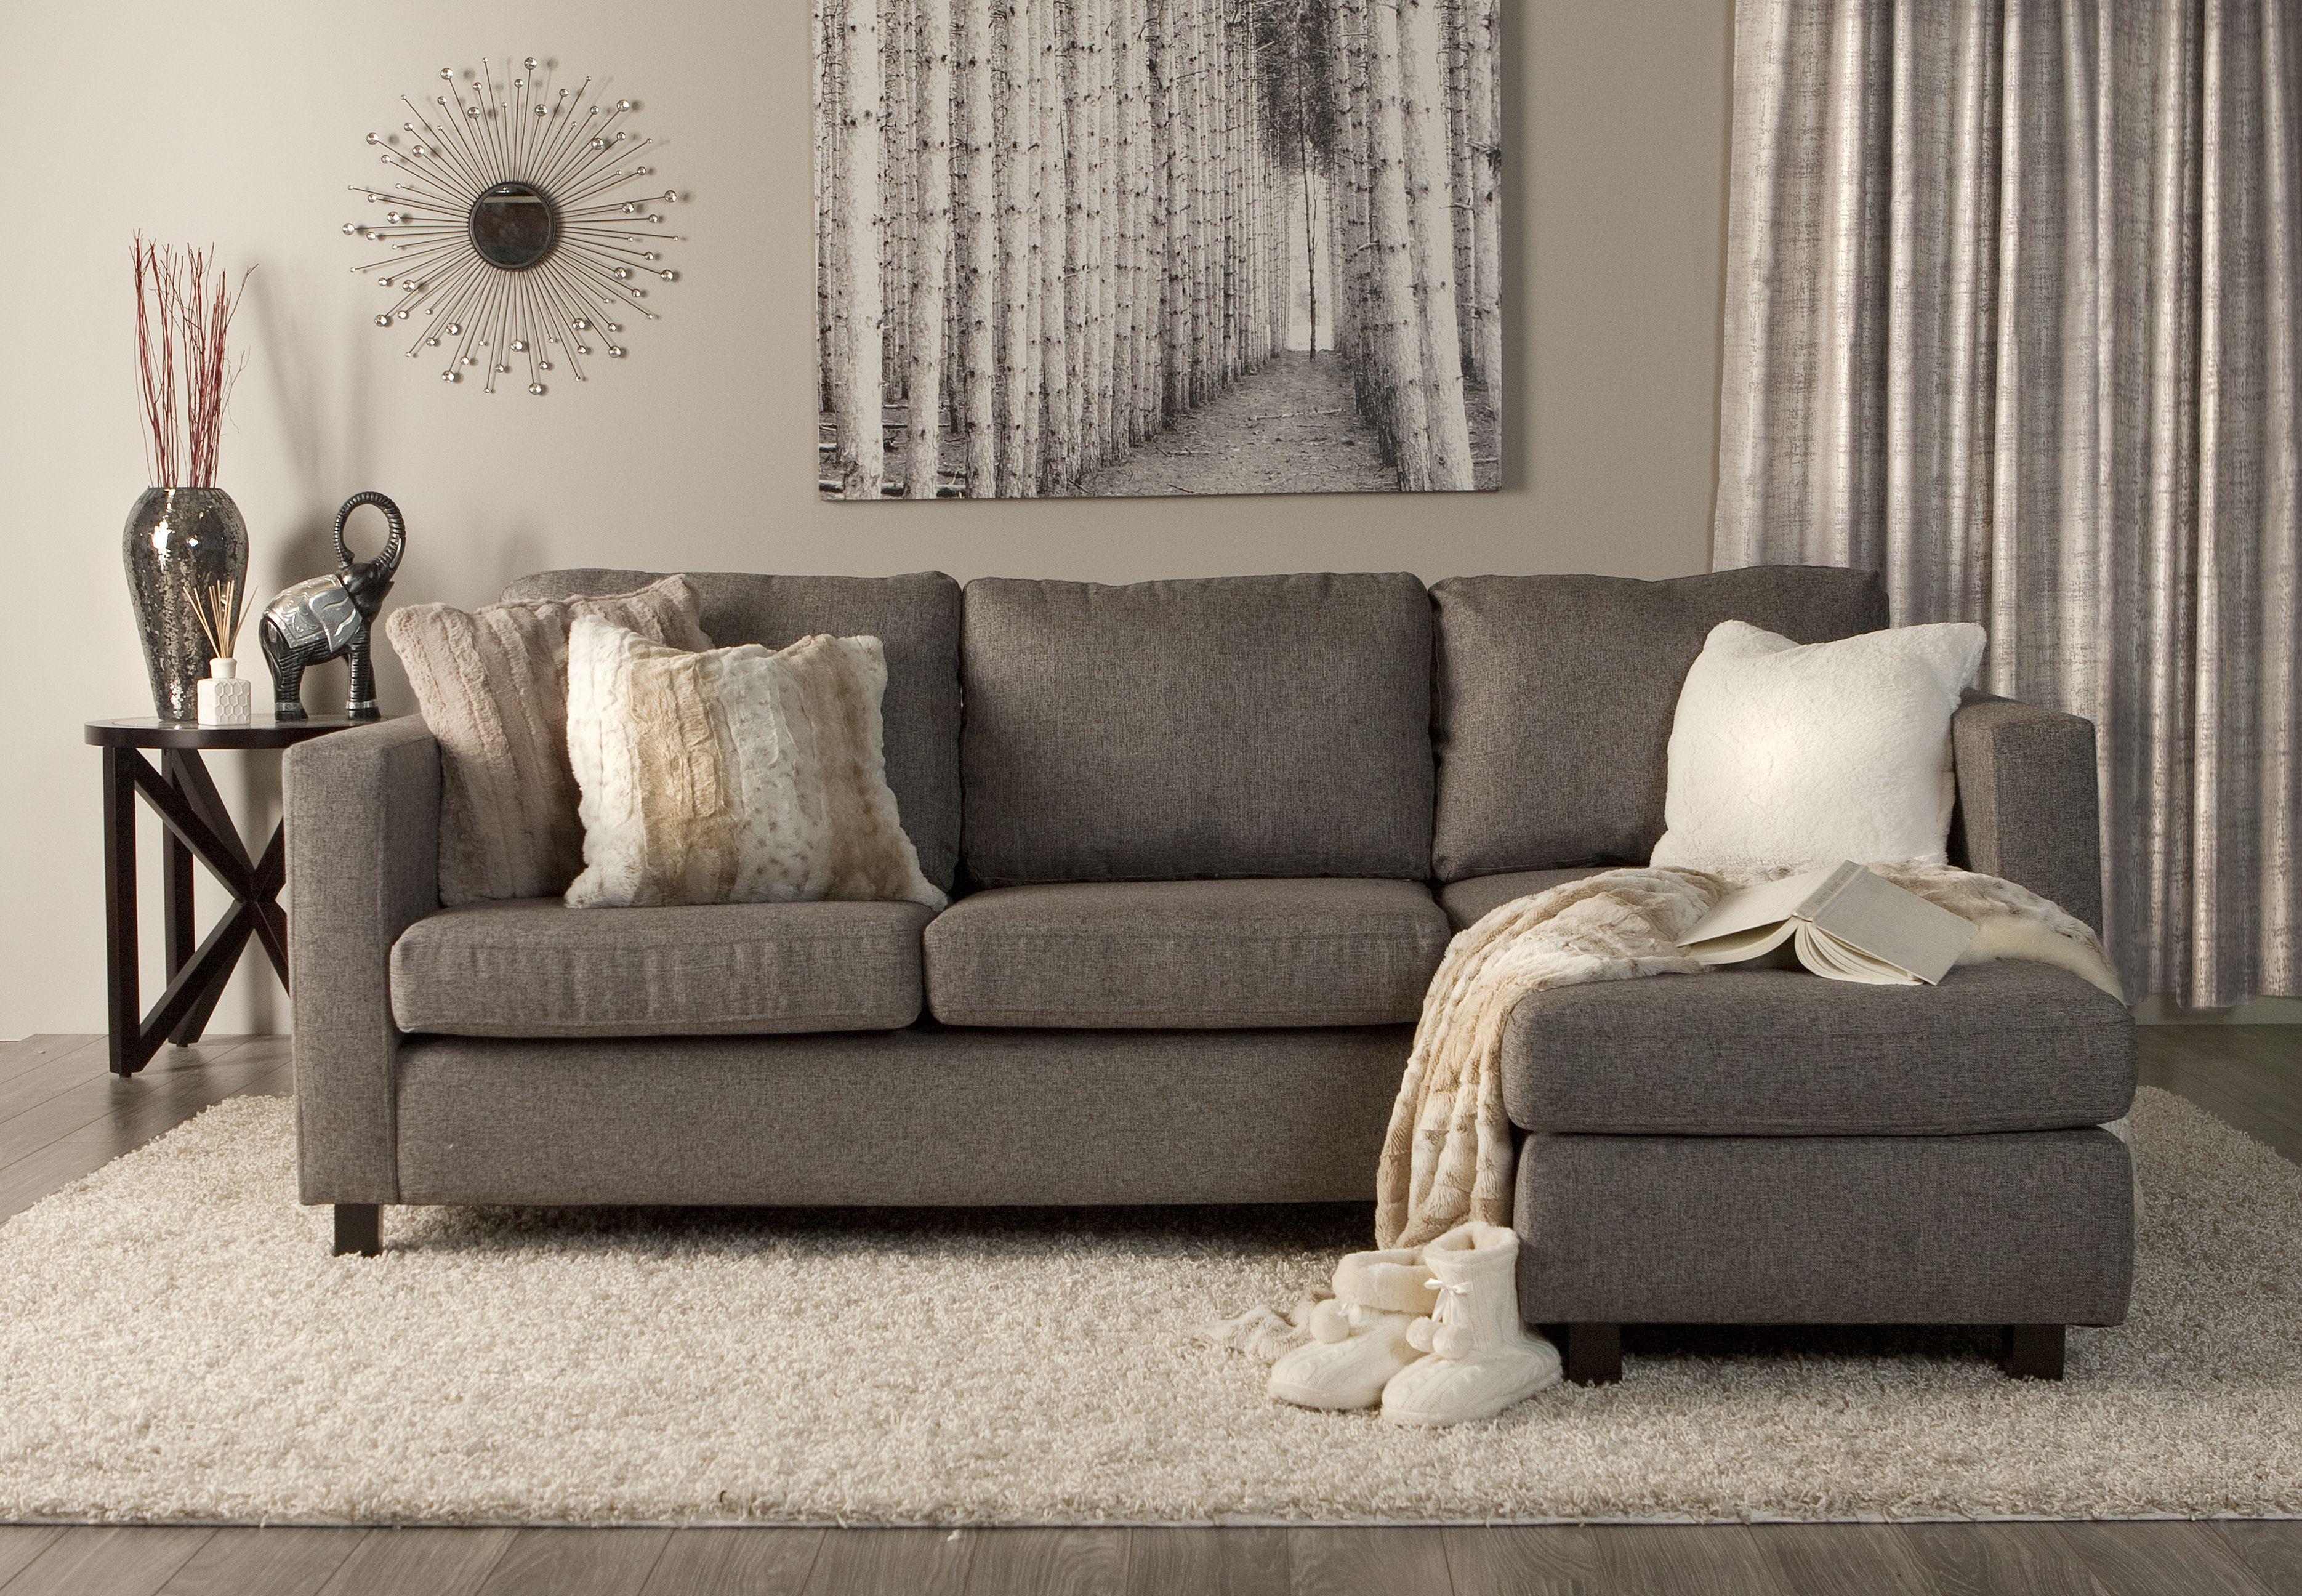 Canapé Places CASA Avec Chaise Longue Réversible Livingroom - Canapé 3 places pour idee de deco pour salon